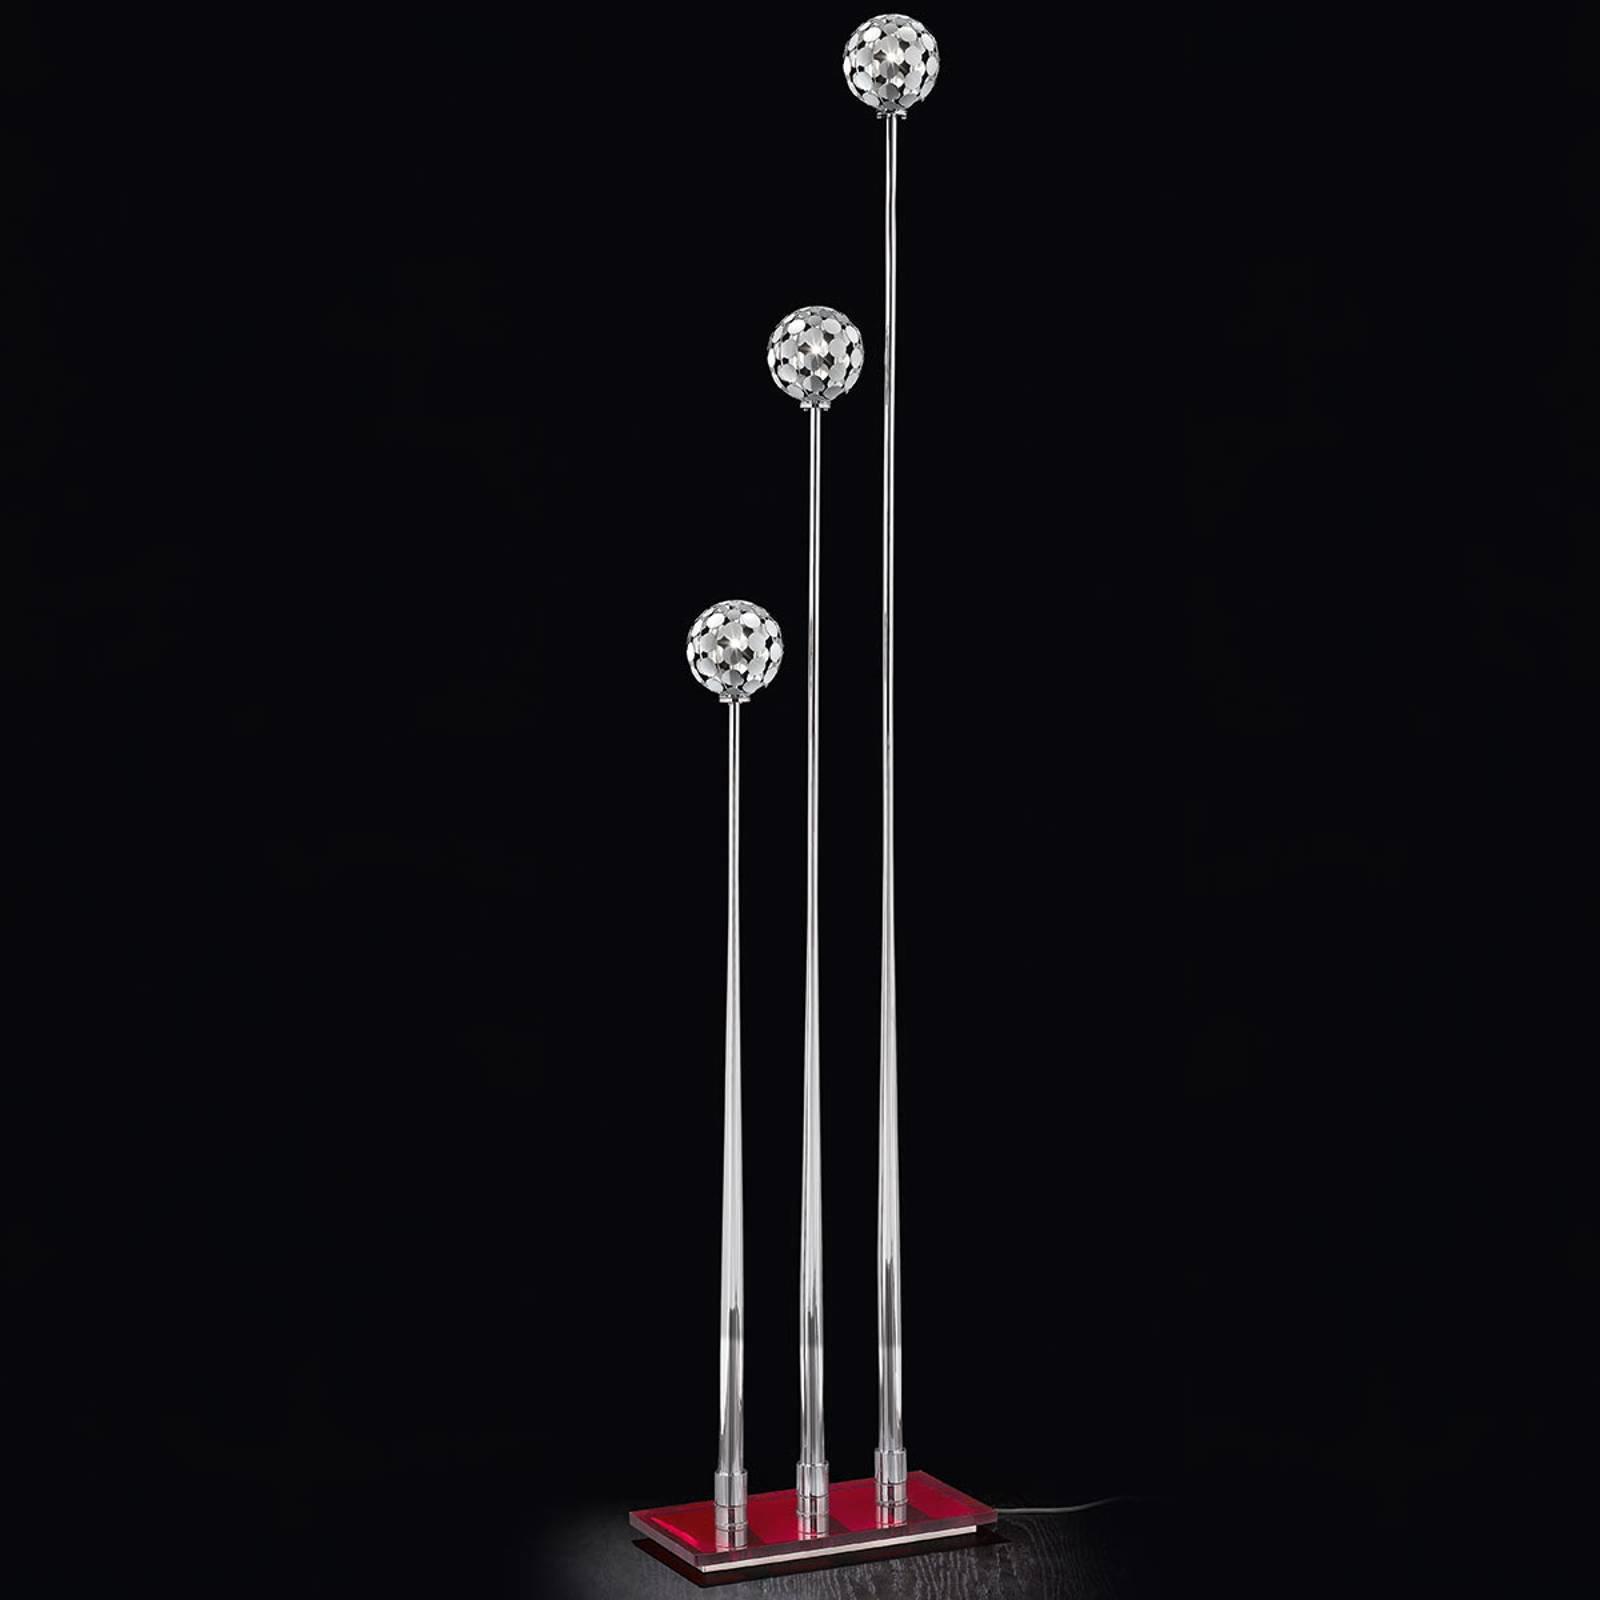 Sfera gulvlampe med 3 lyskilder, rød fot